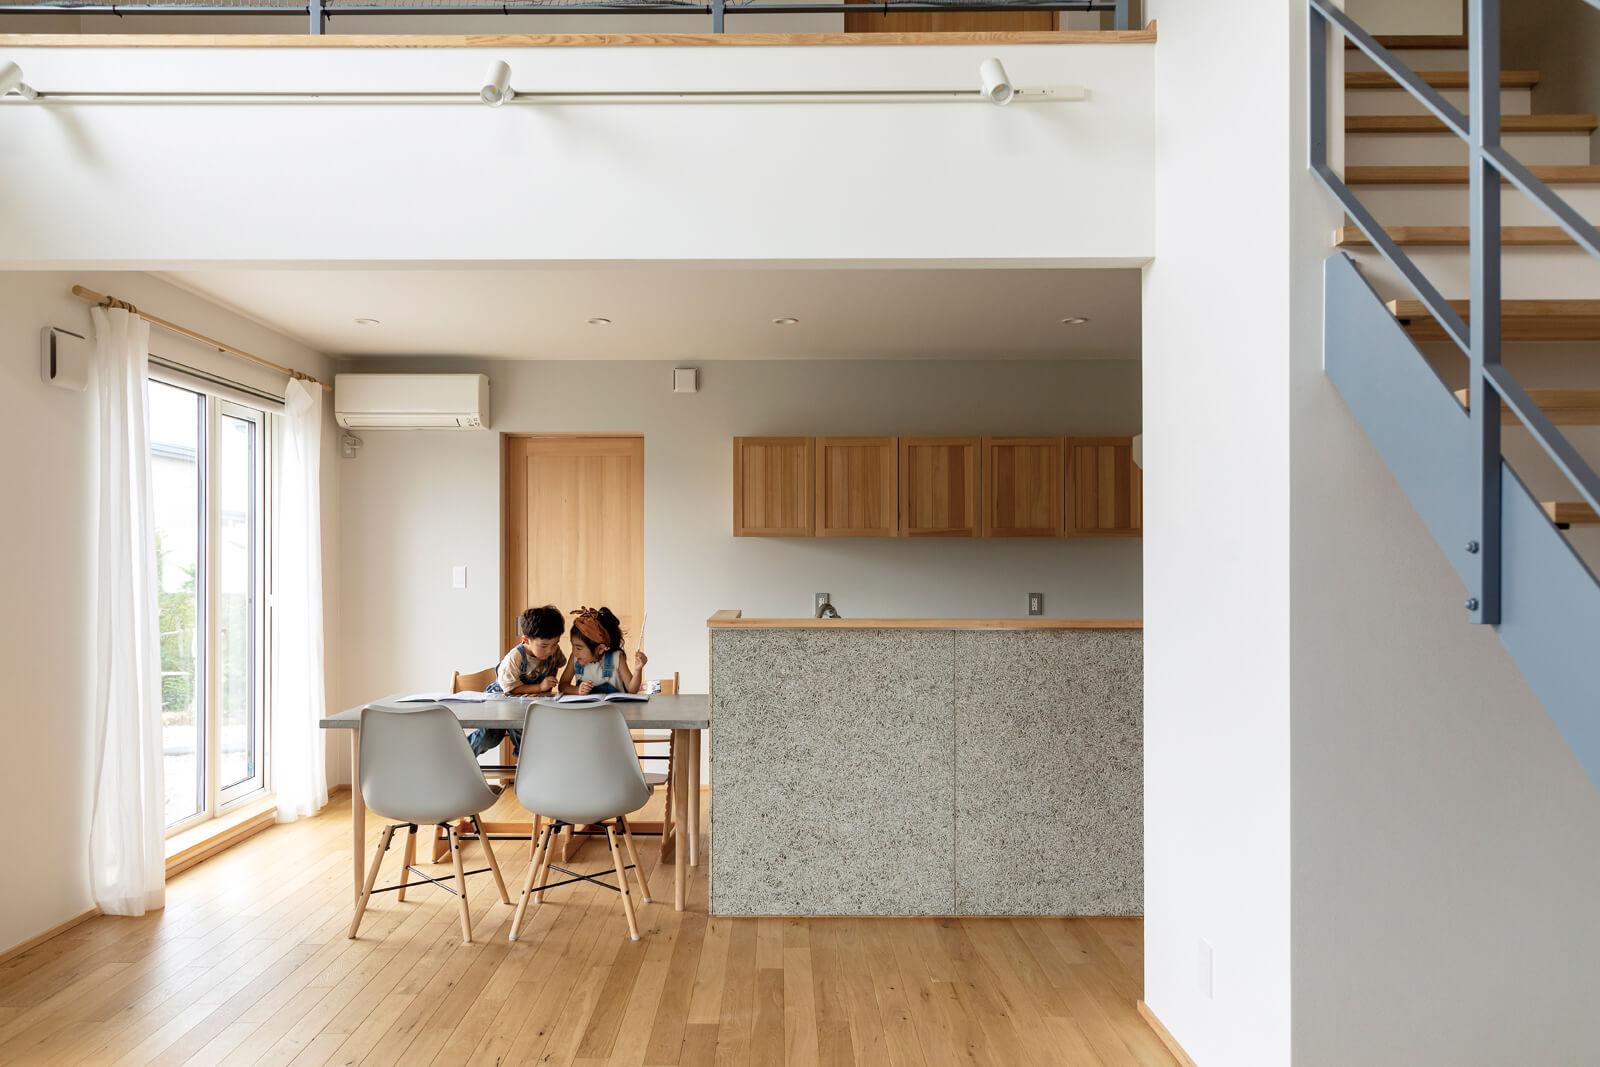 木毛セメント板の腰壁がポイントのキッチン。テーブルをキッチンに横付けしたストレートダイニングで、家事効率をアップさせた。ダイニング後ろの扉の奥は寝室